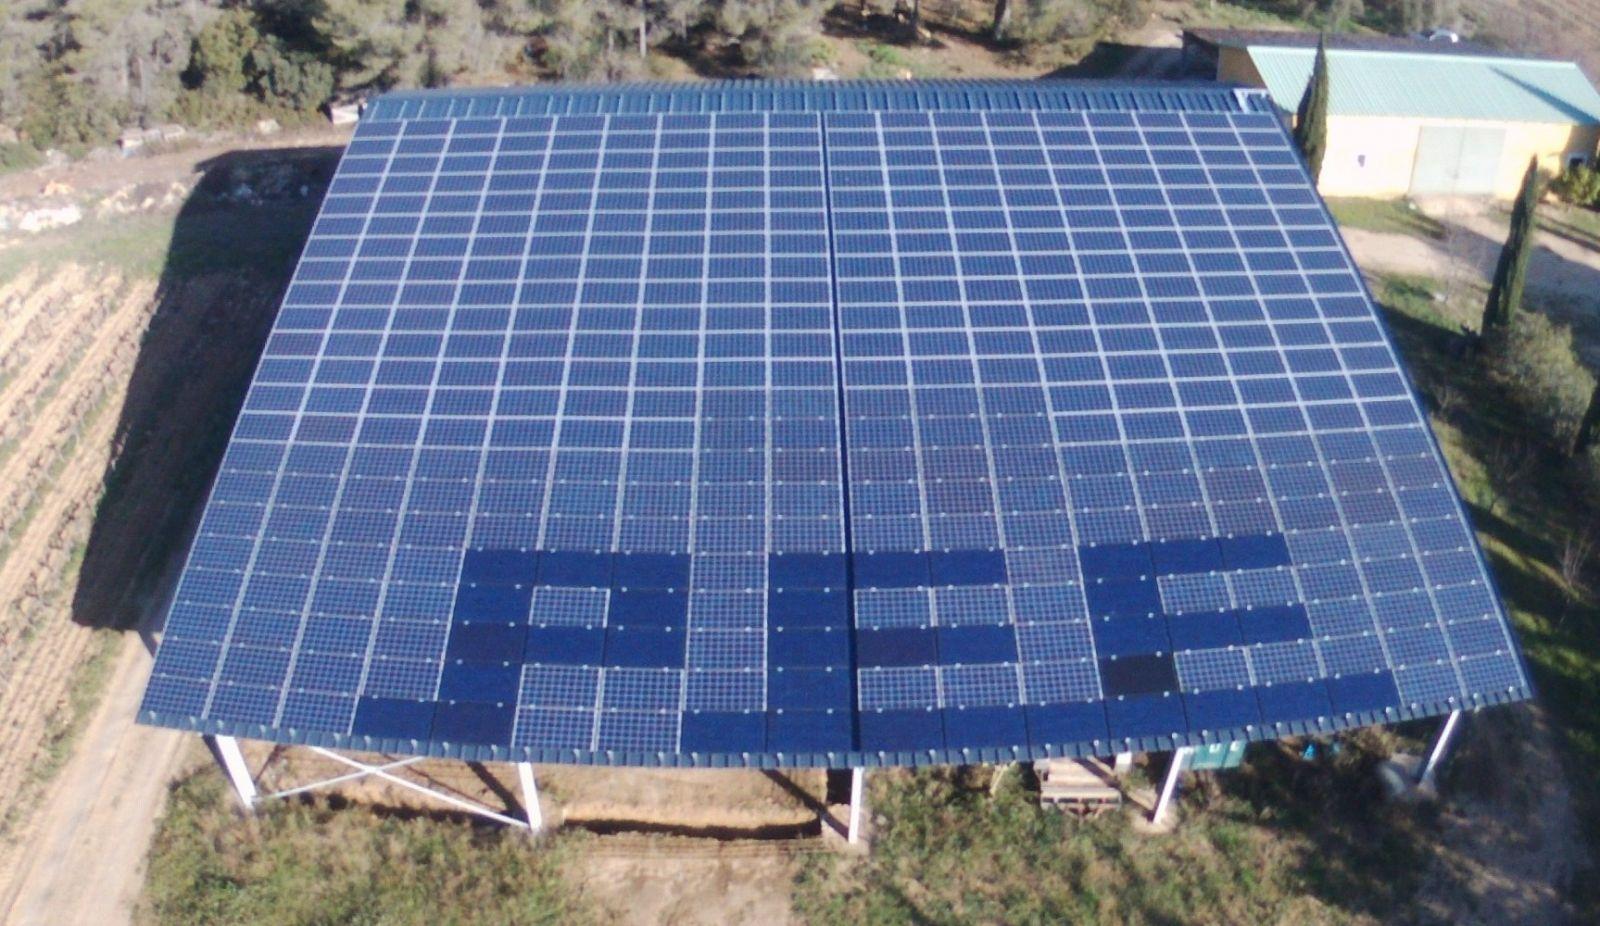 Montage d 39 un hangar agricole avec installation photovolta que salon de provence installateur - Hangar photovoltaique agricole ...